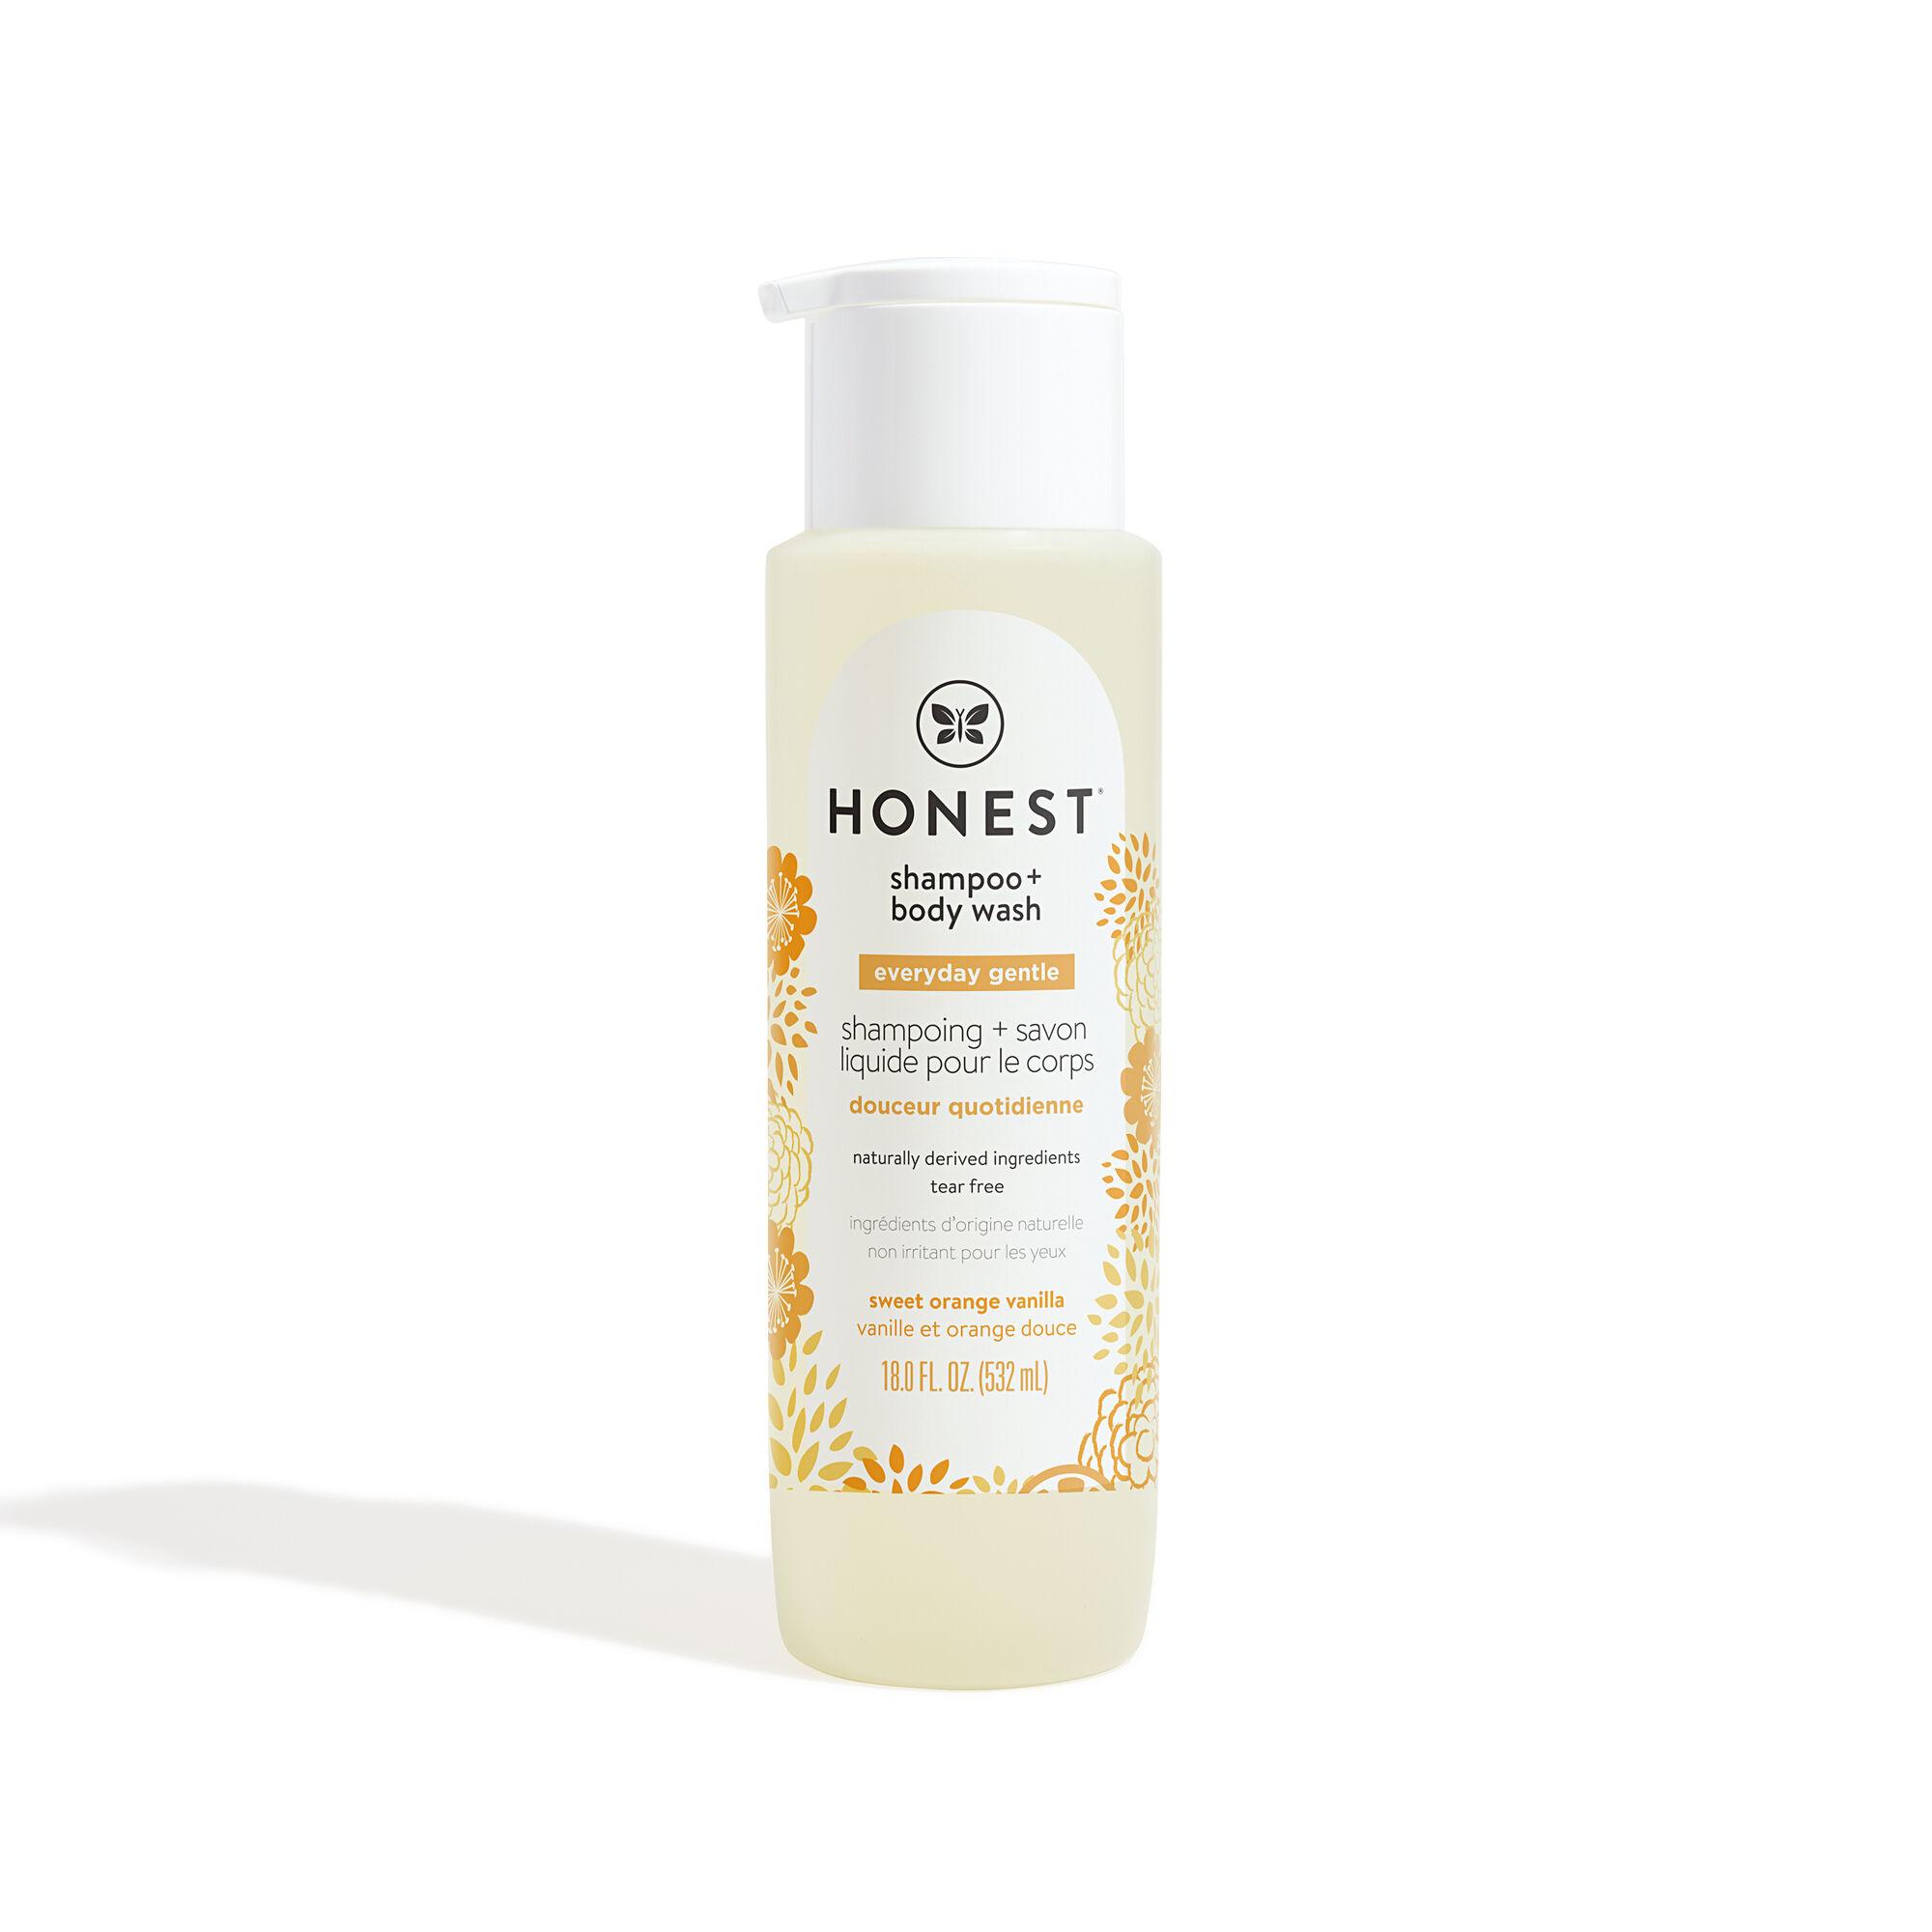 Shampoo + Body Wash, Value Size